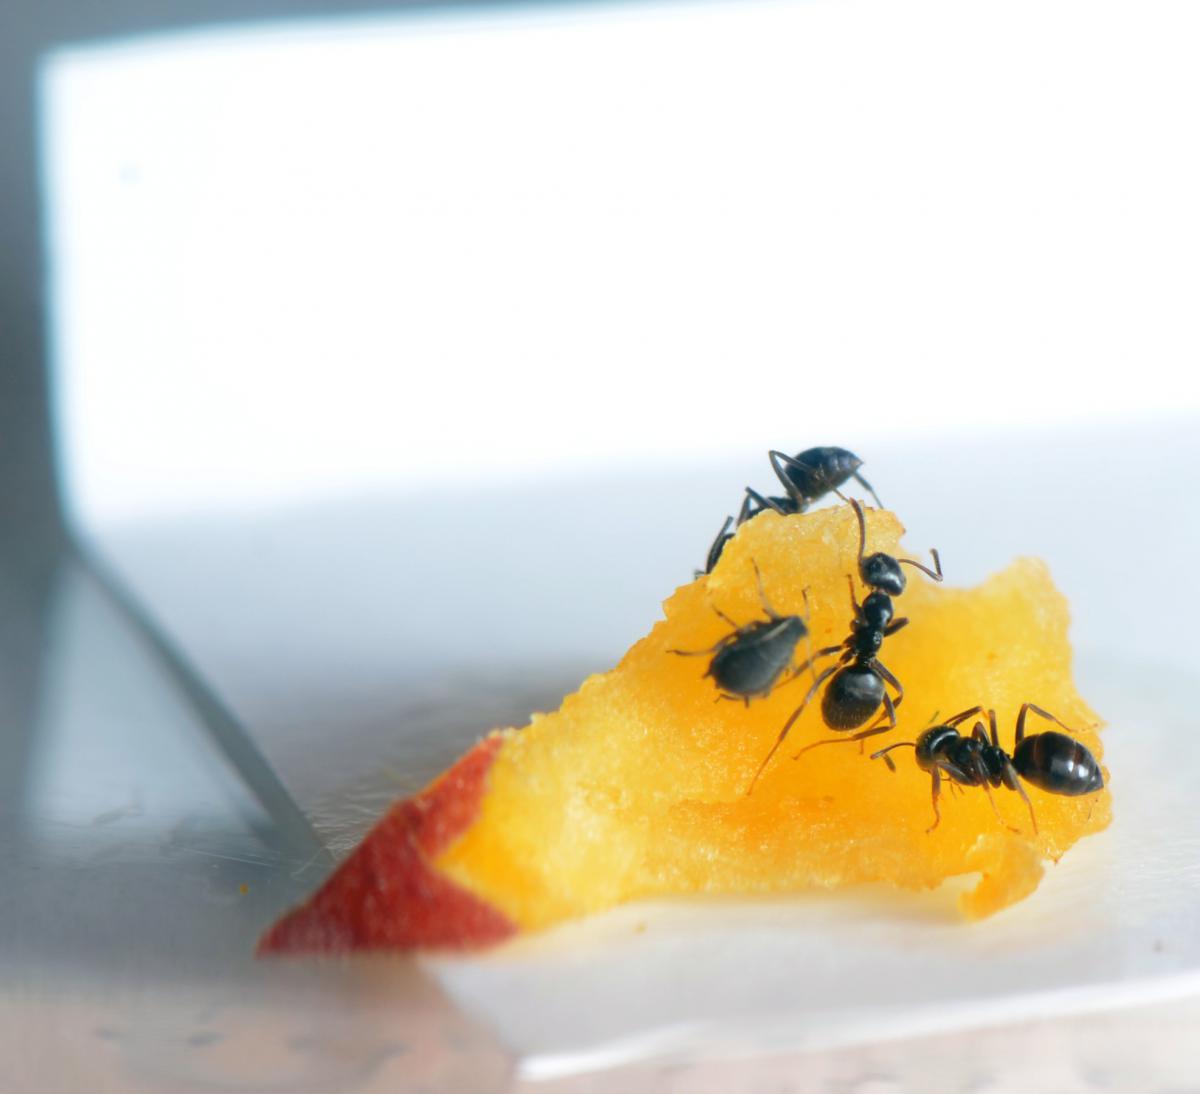 А вот и удивительная картина: муравьи и тля пасутся на персике.